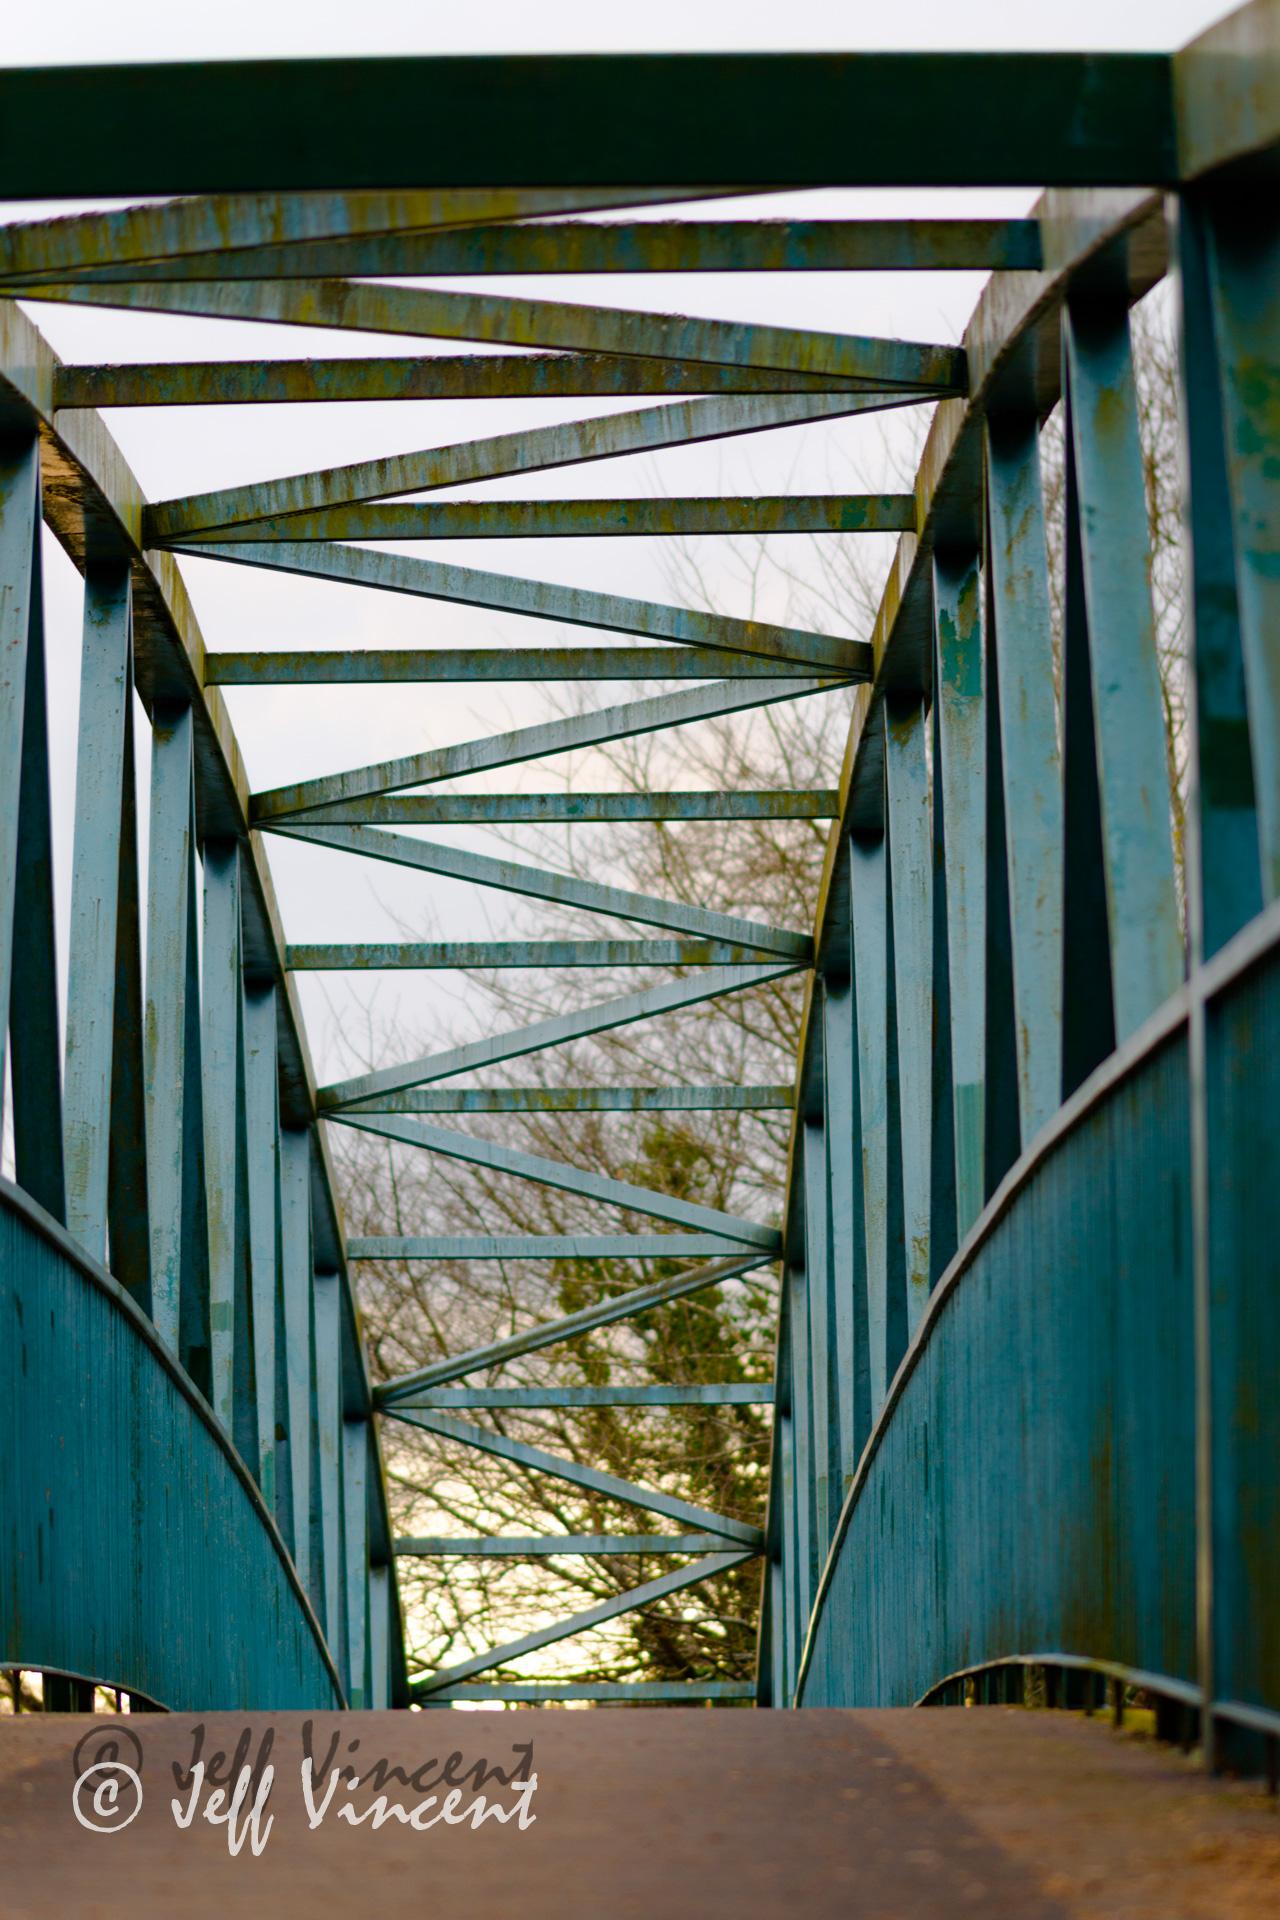 Bridge over the River Taff